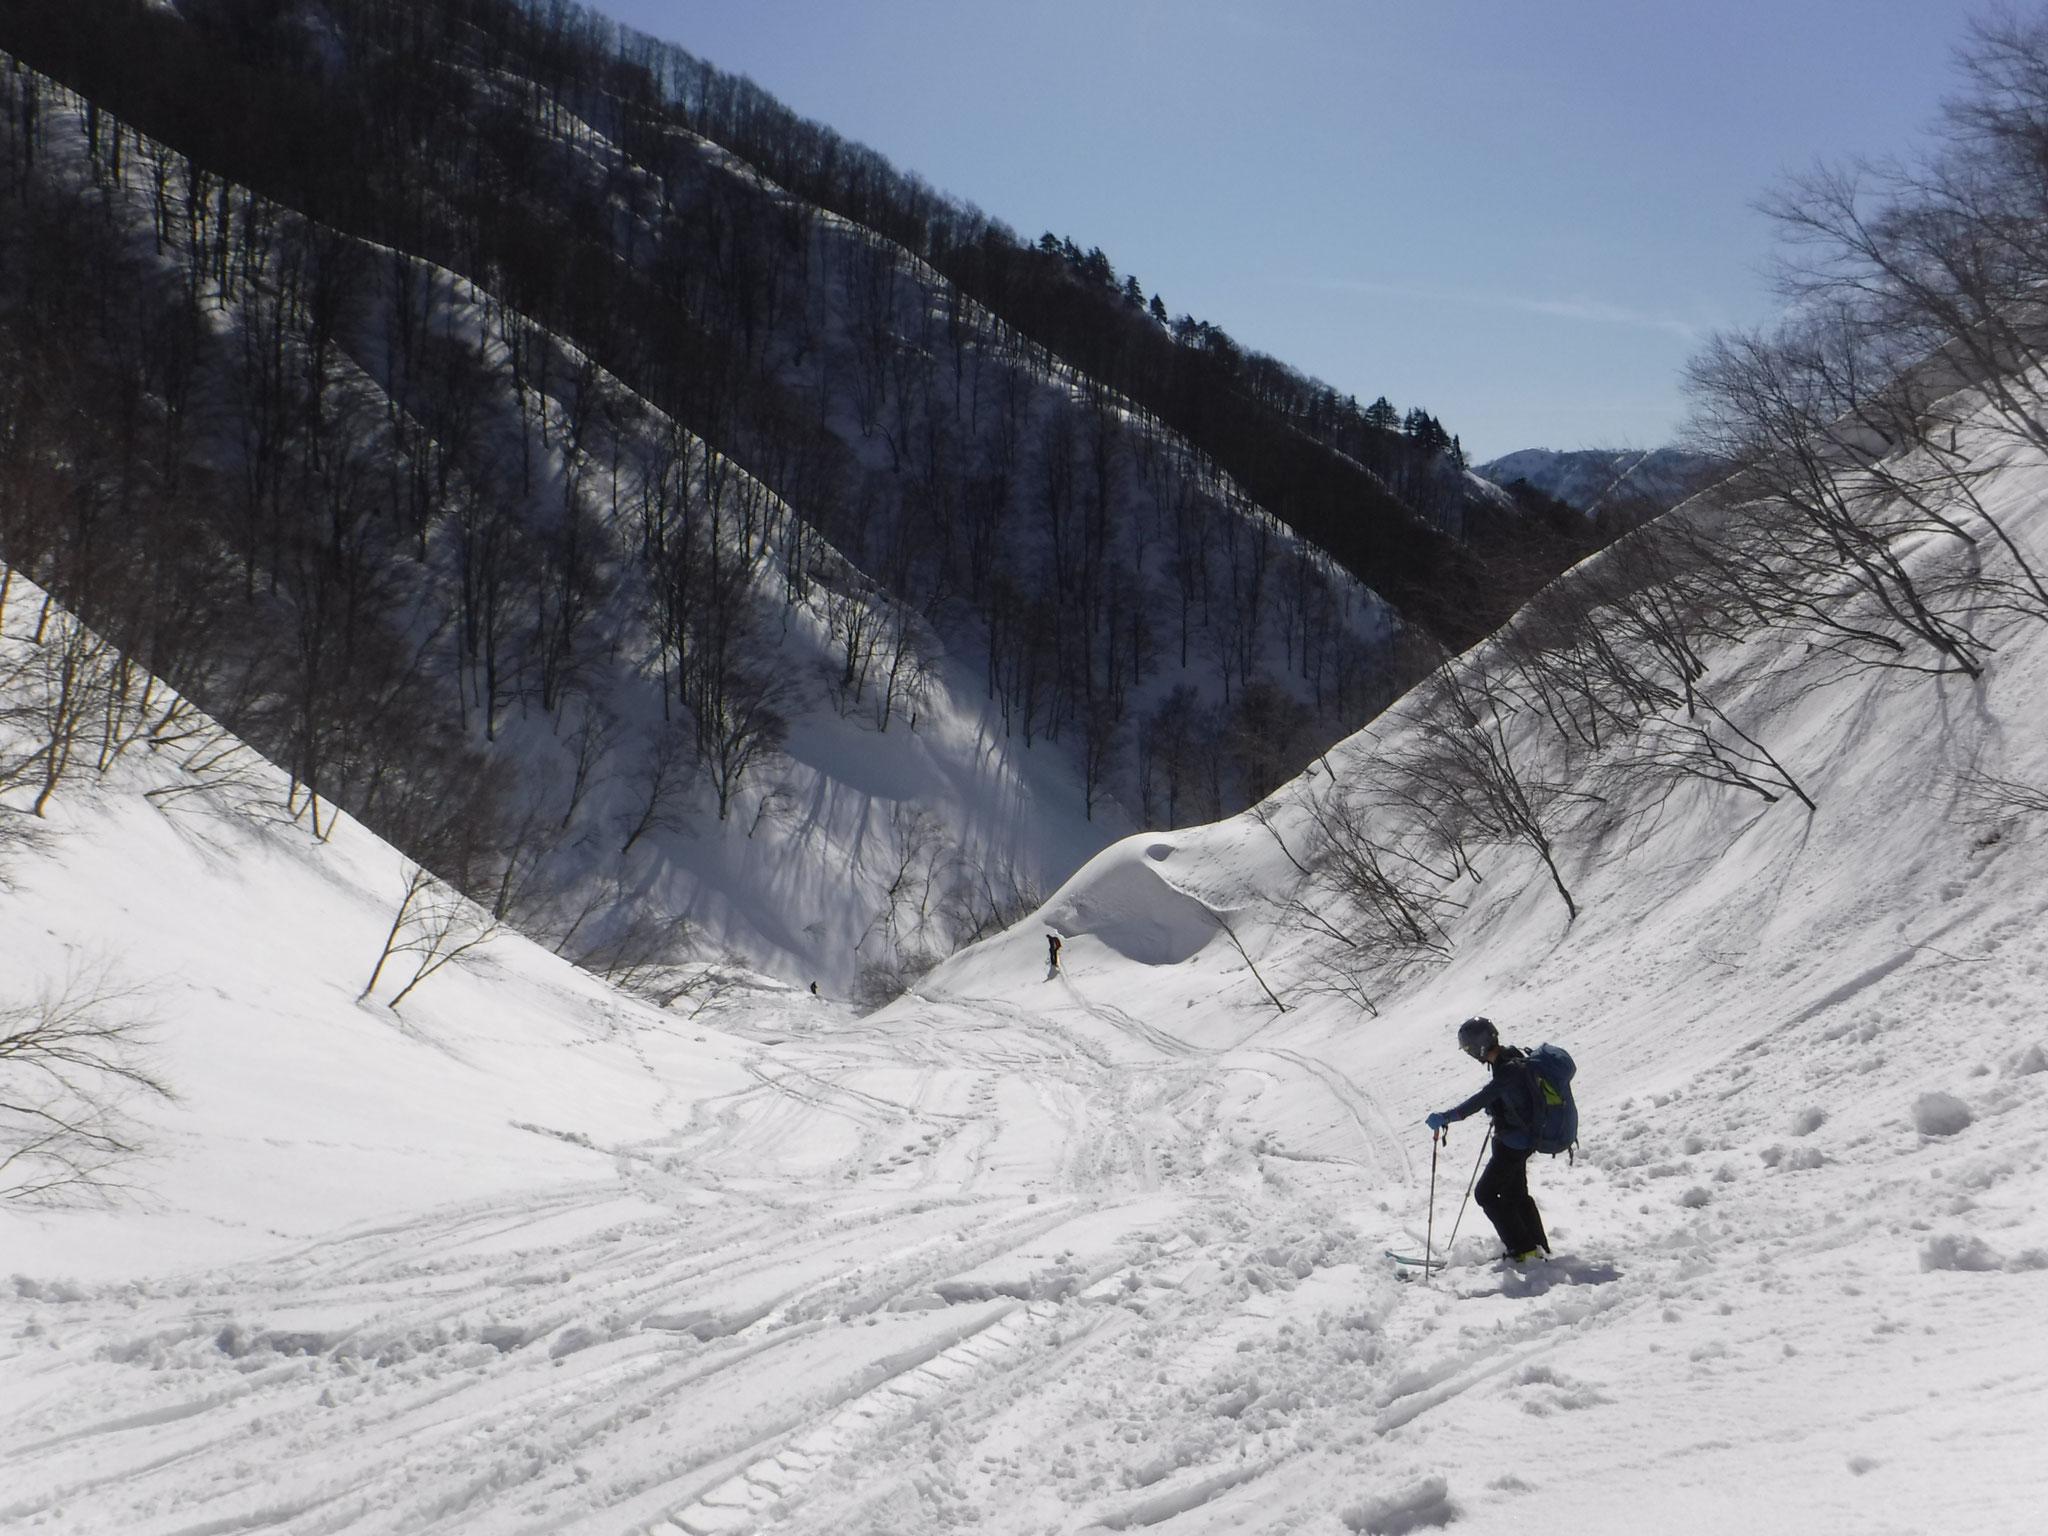 下部は雪が重くて滑り難い